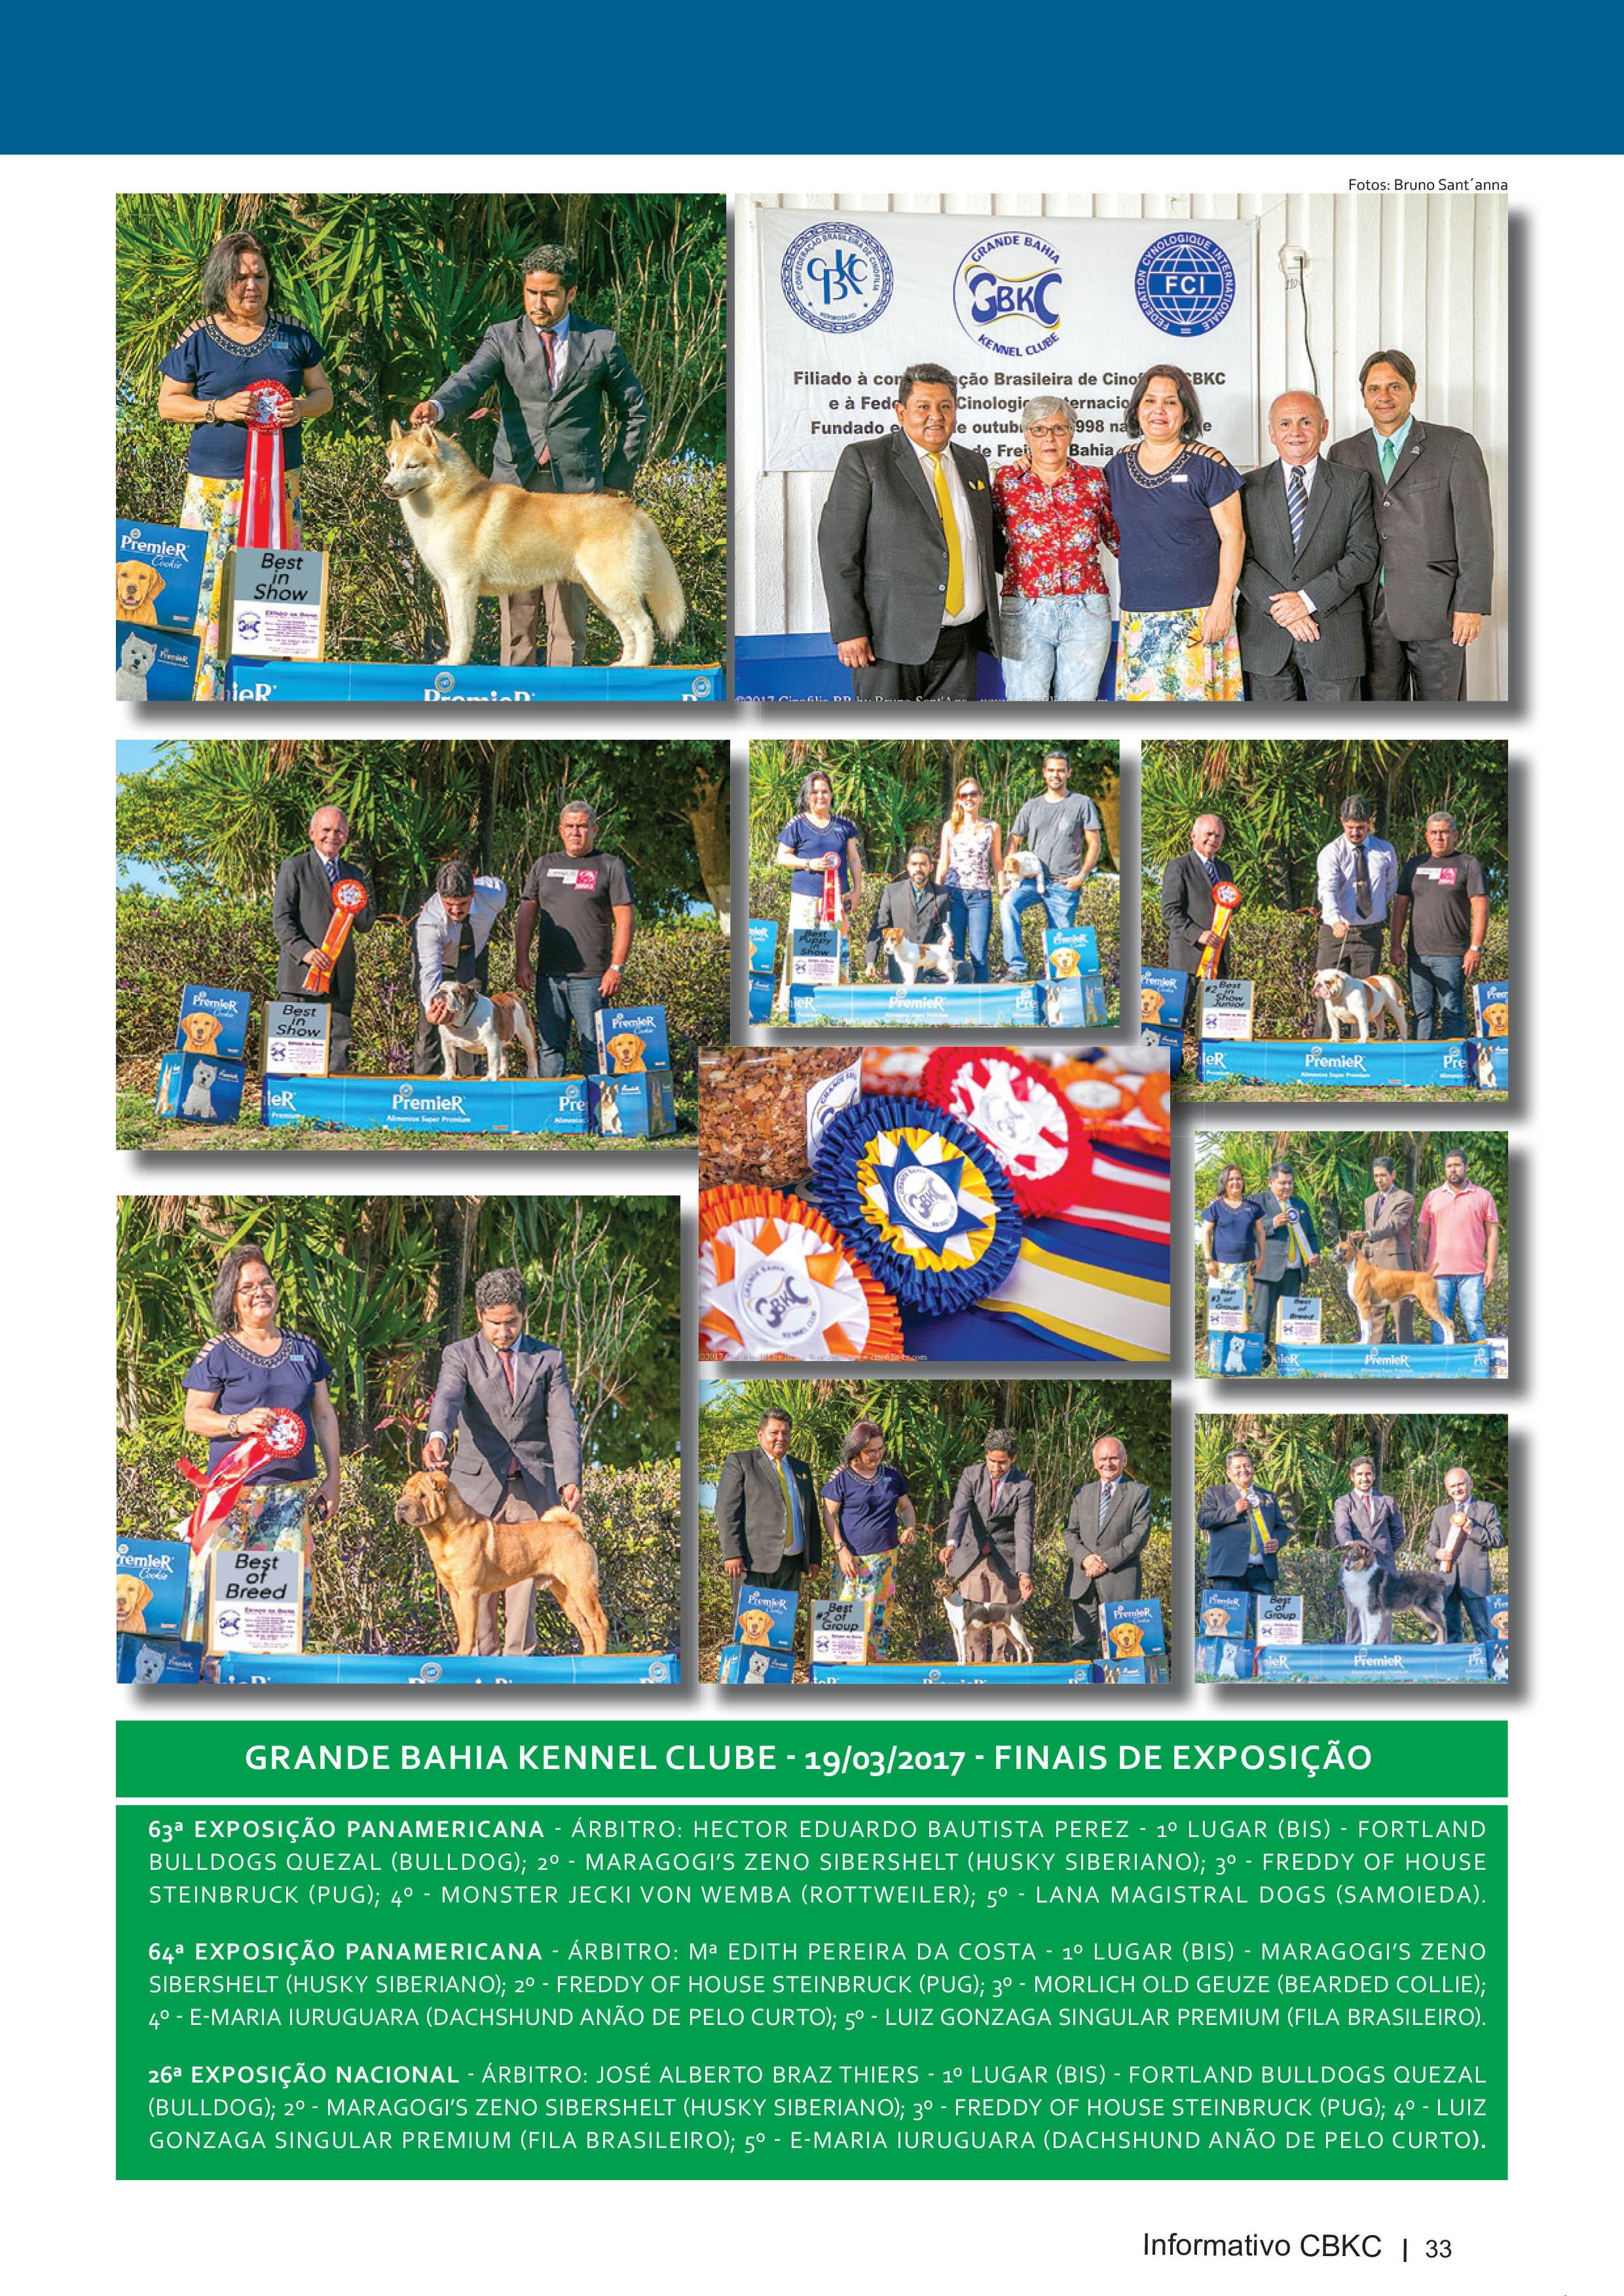 Pagina 33| Edição 54 do Informativo CBKC